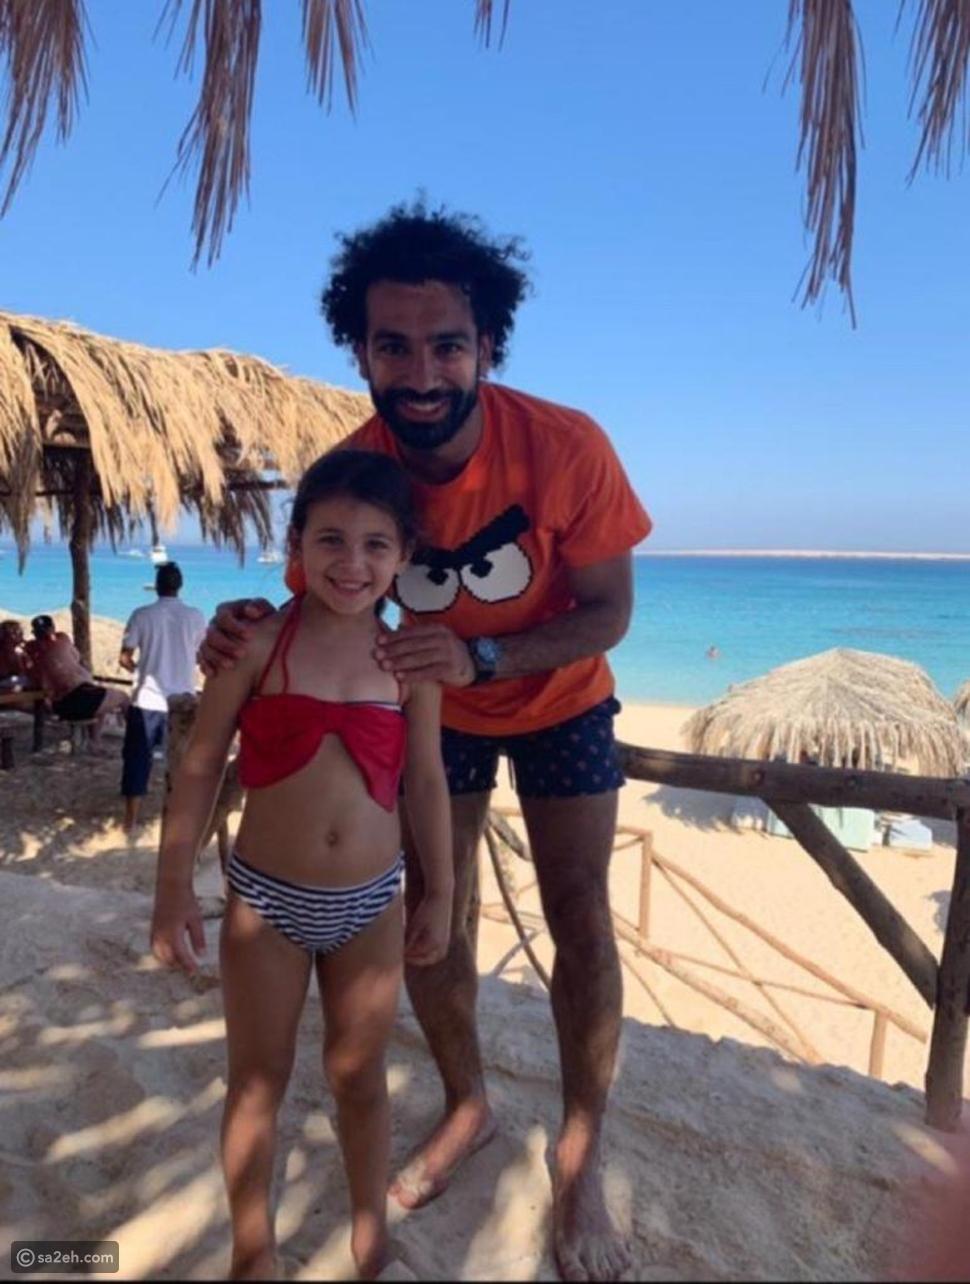 شاهد كيف يروج النجوم العالميون للسياحة في مصر ورسائل مهرجان الجونة